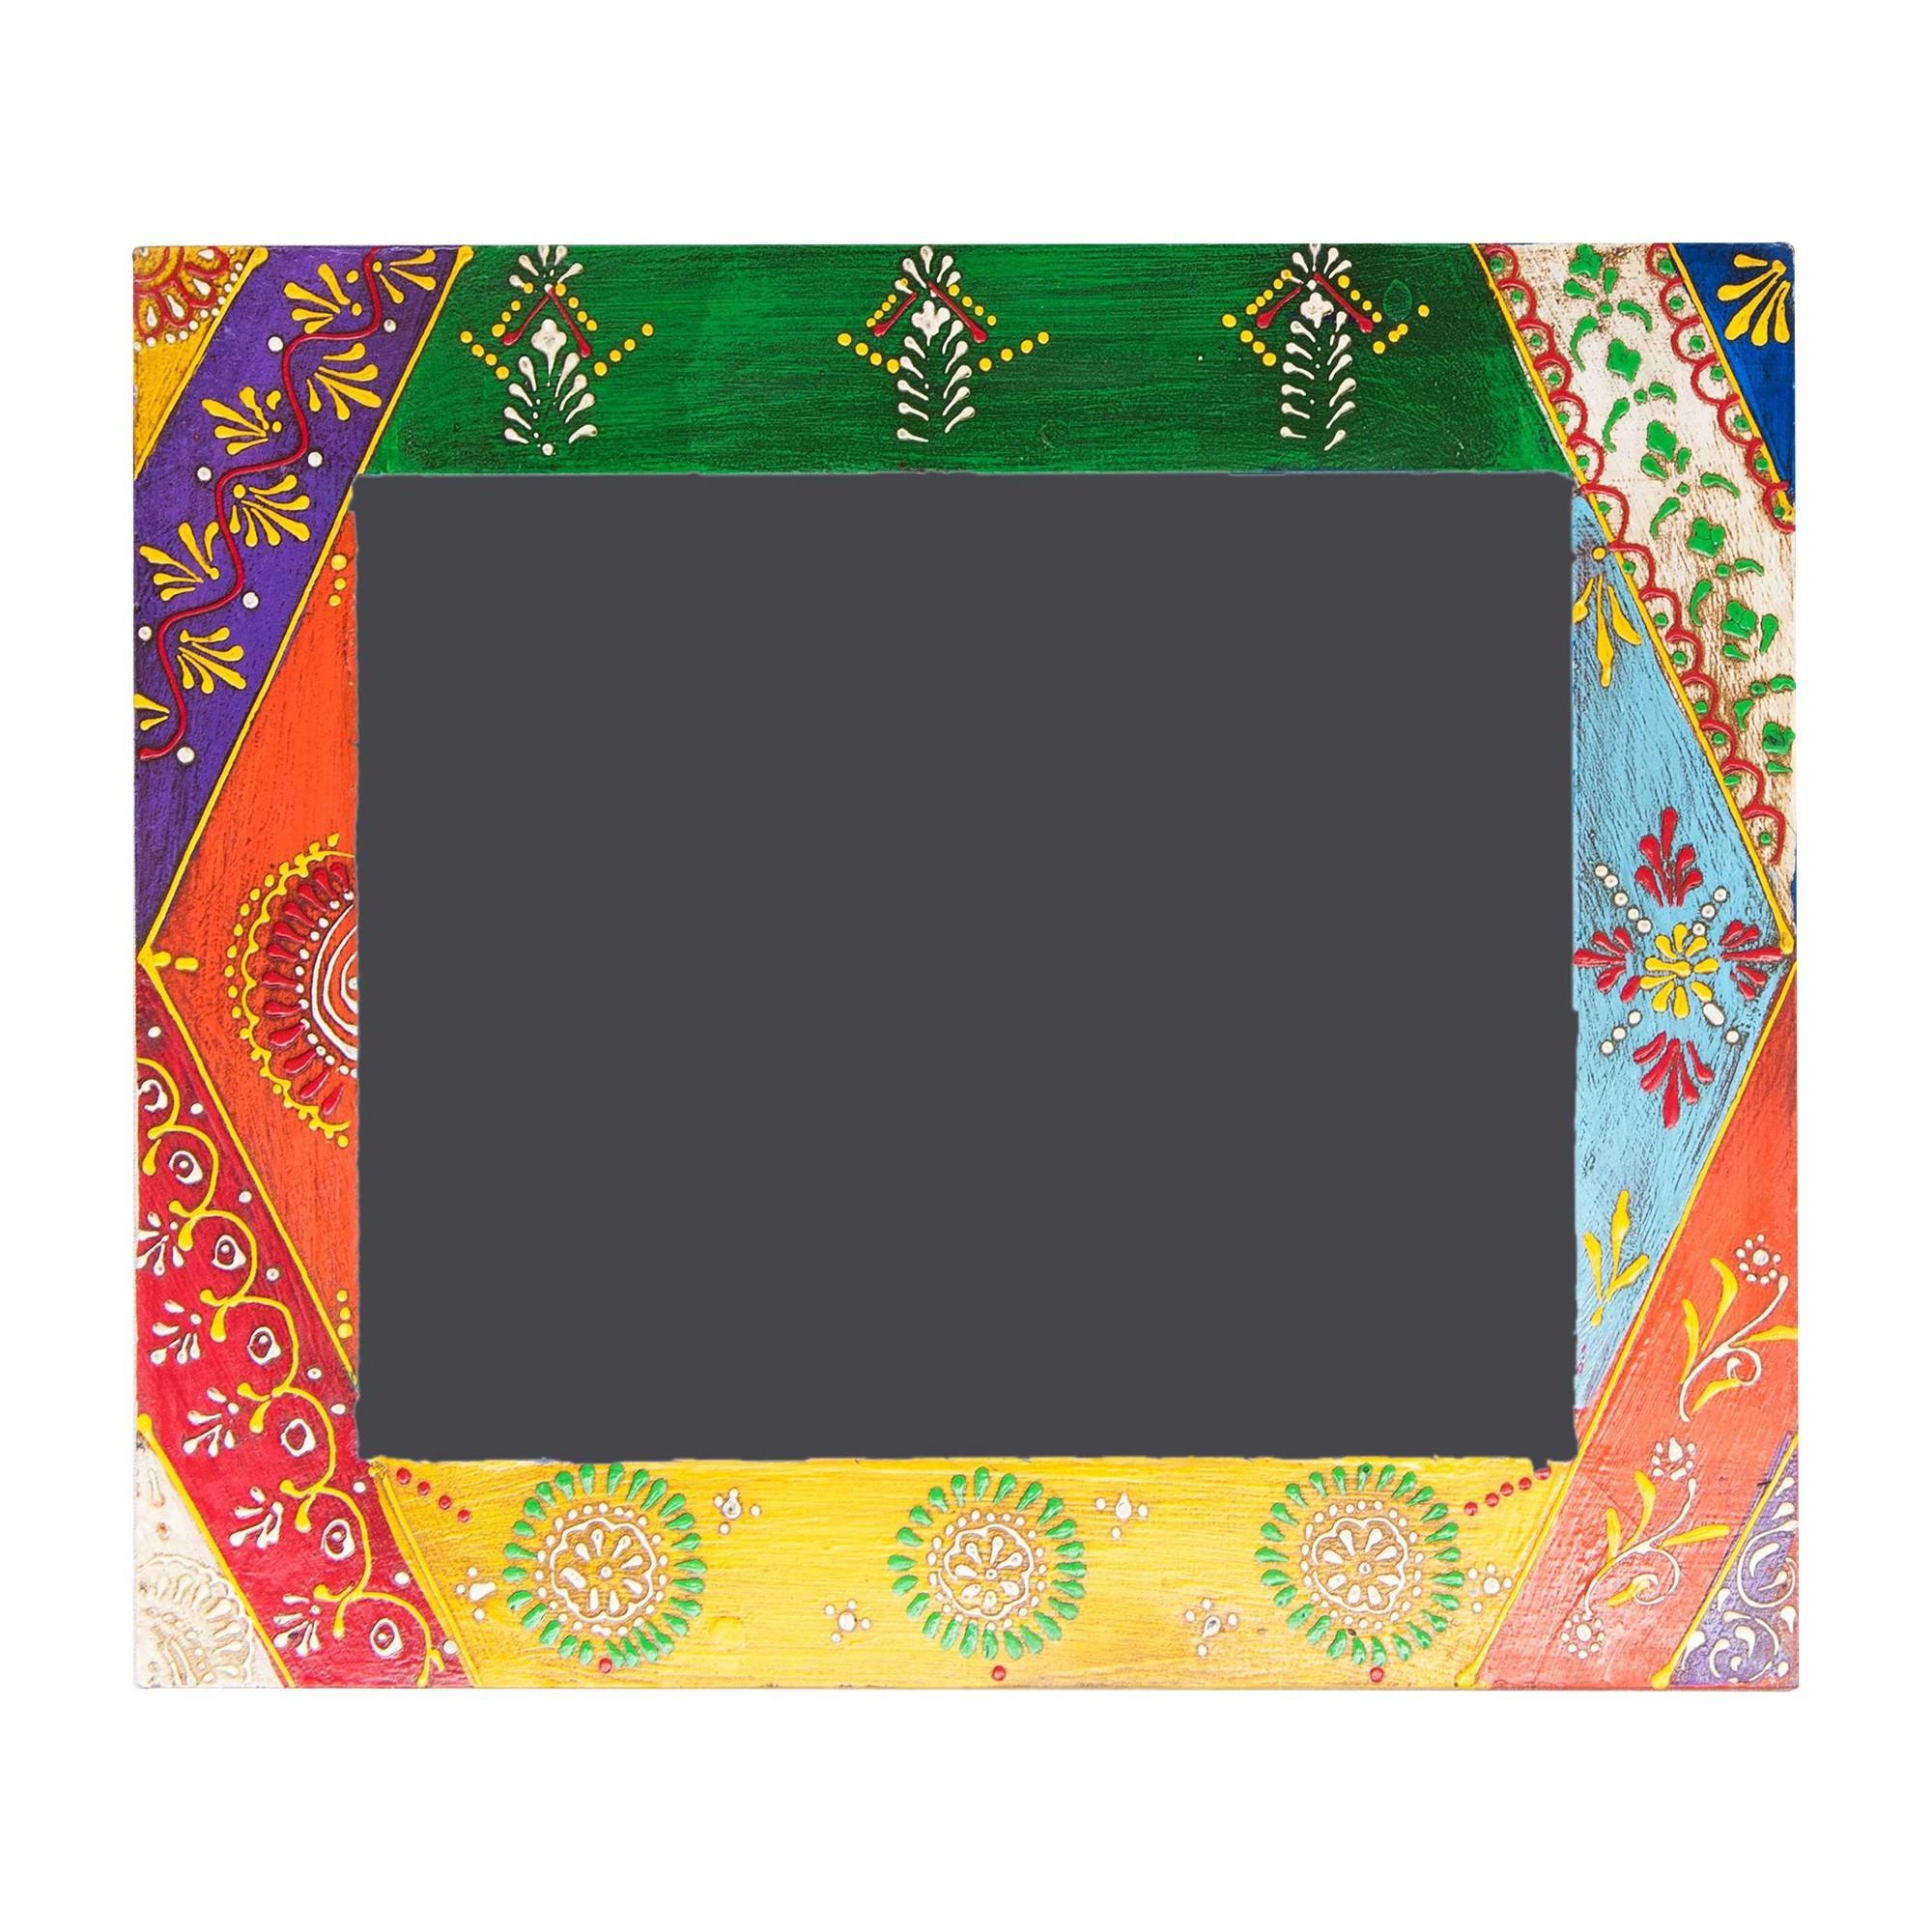 Binaki Hand Painted Timber Photo Frame